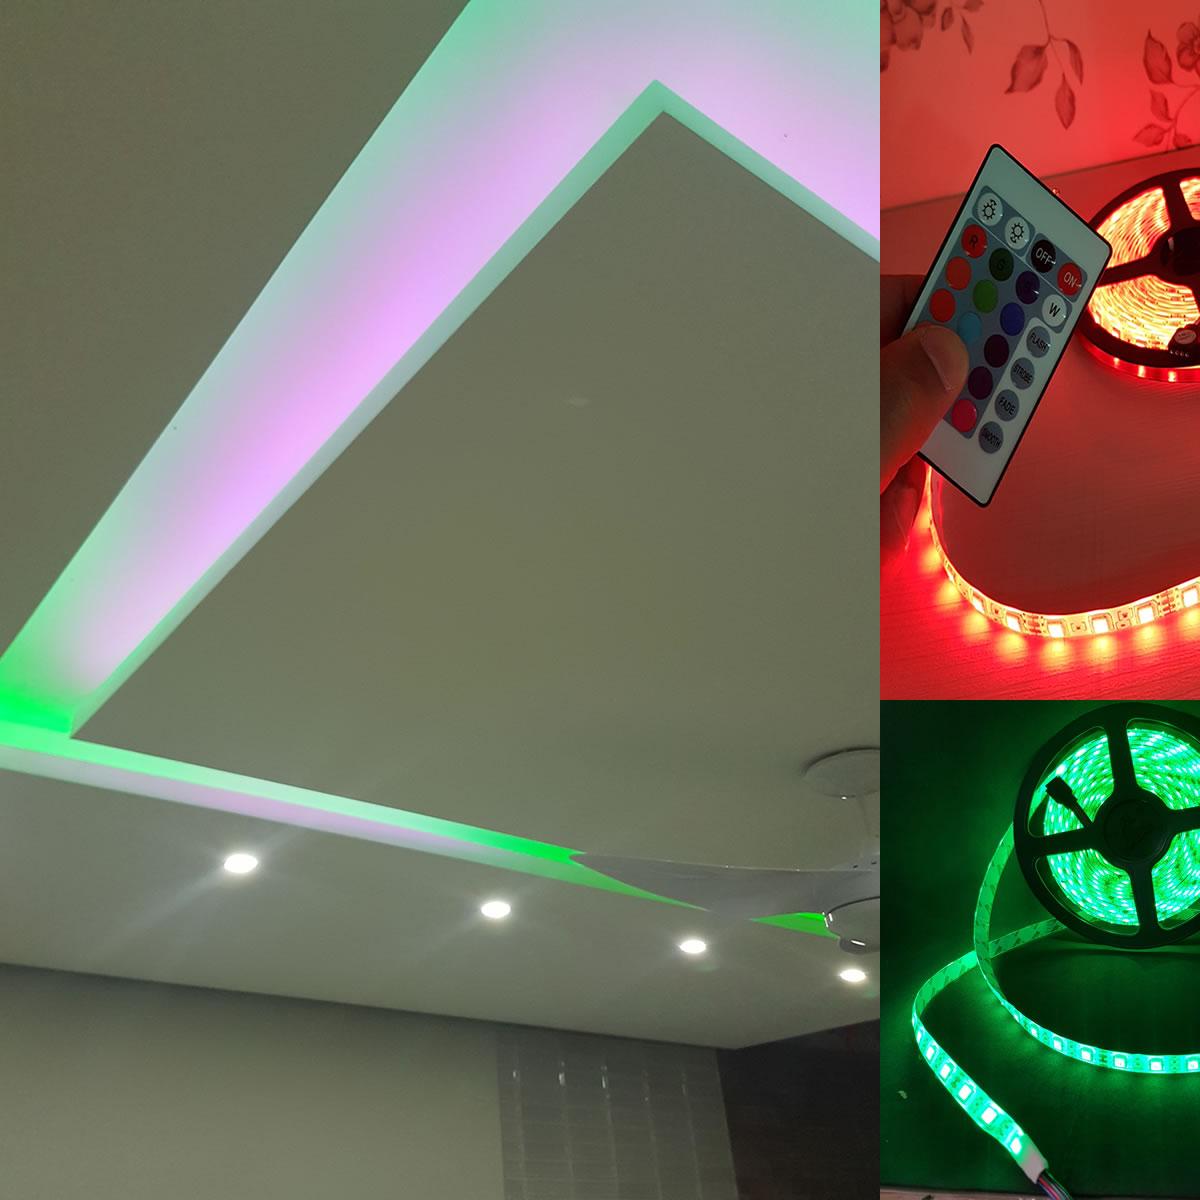 Fonte de 12V 3A e Controladora para Sobra de fita LED 5050 3528